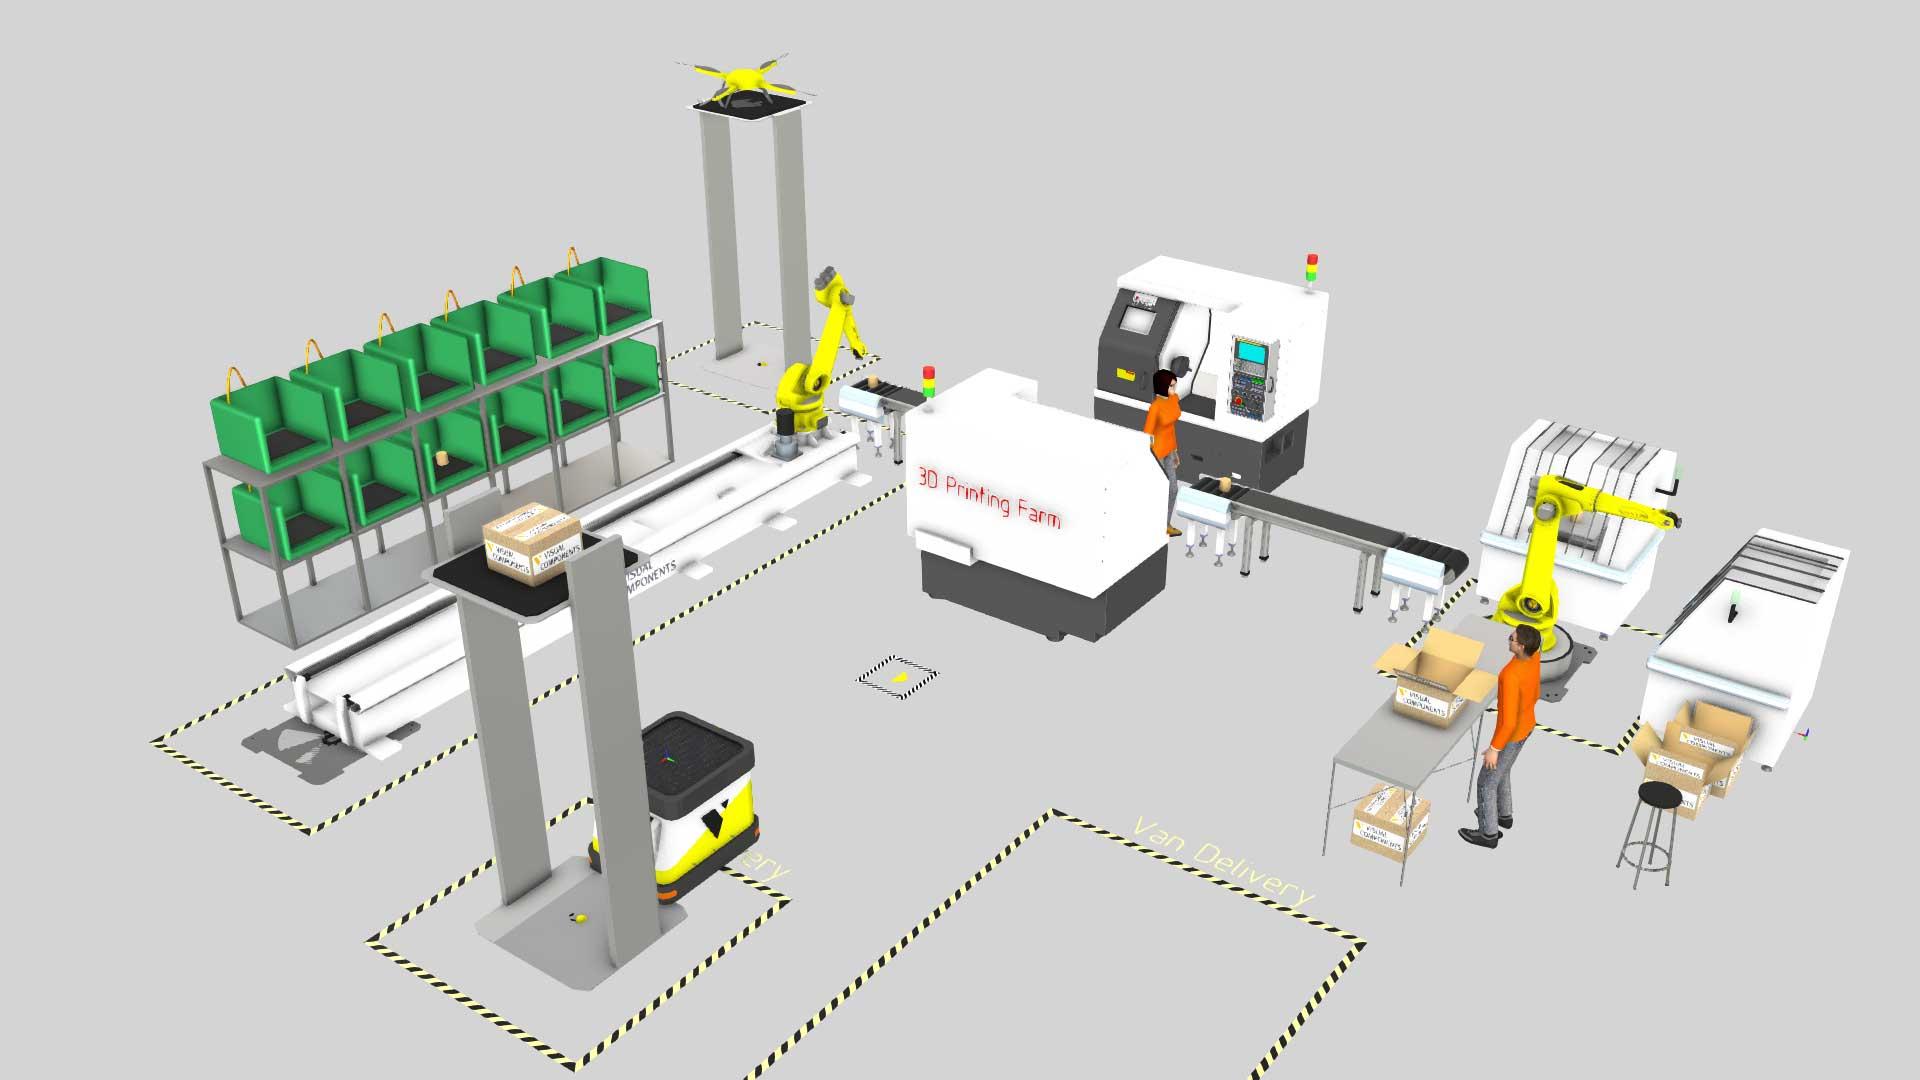 A 3D printing farm